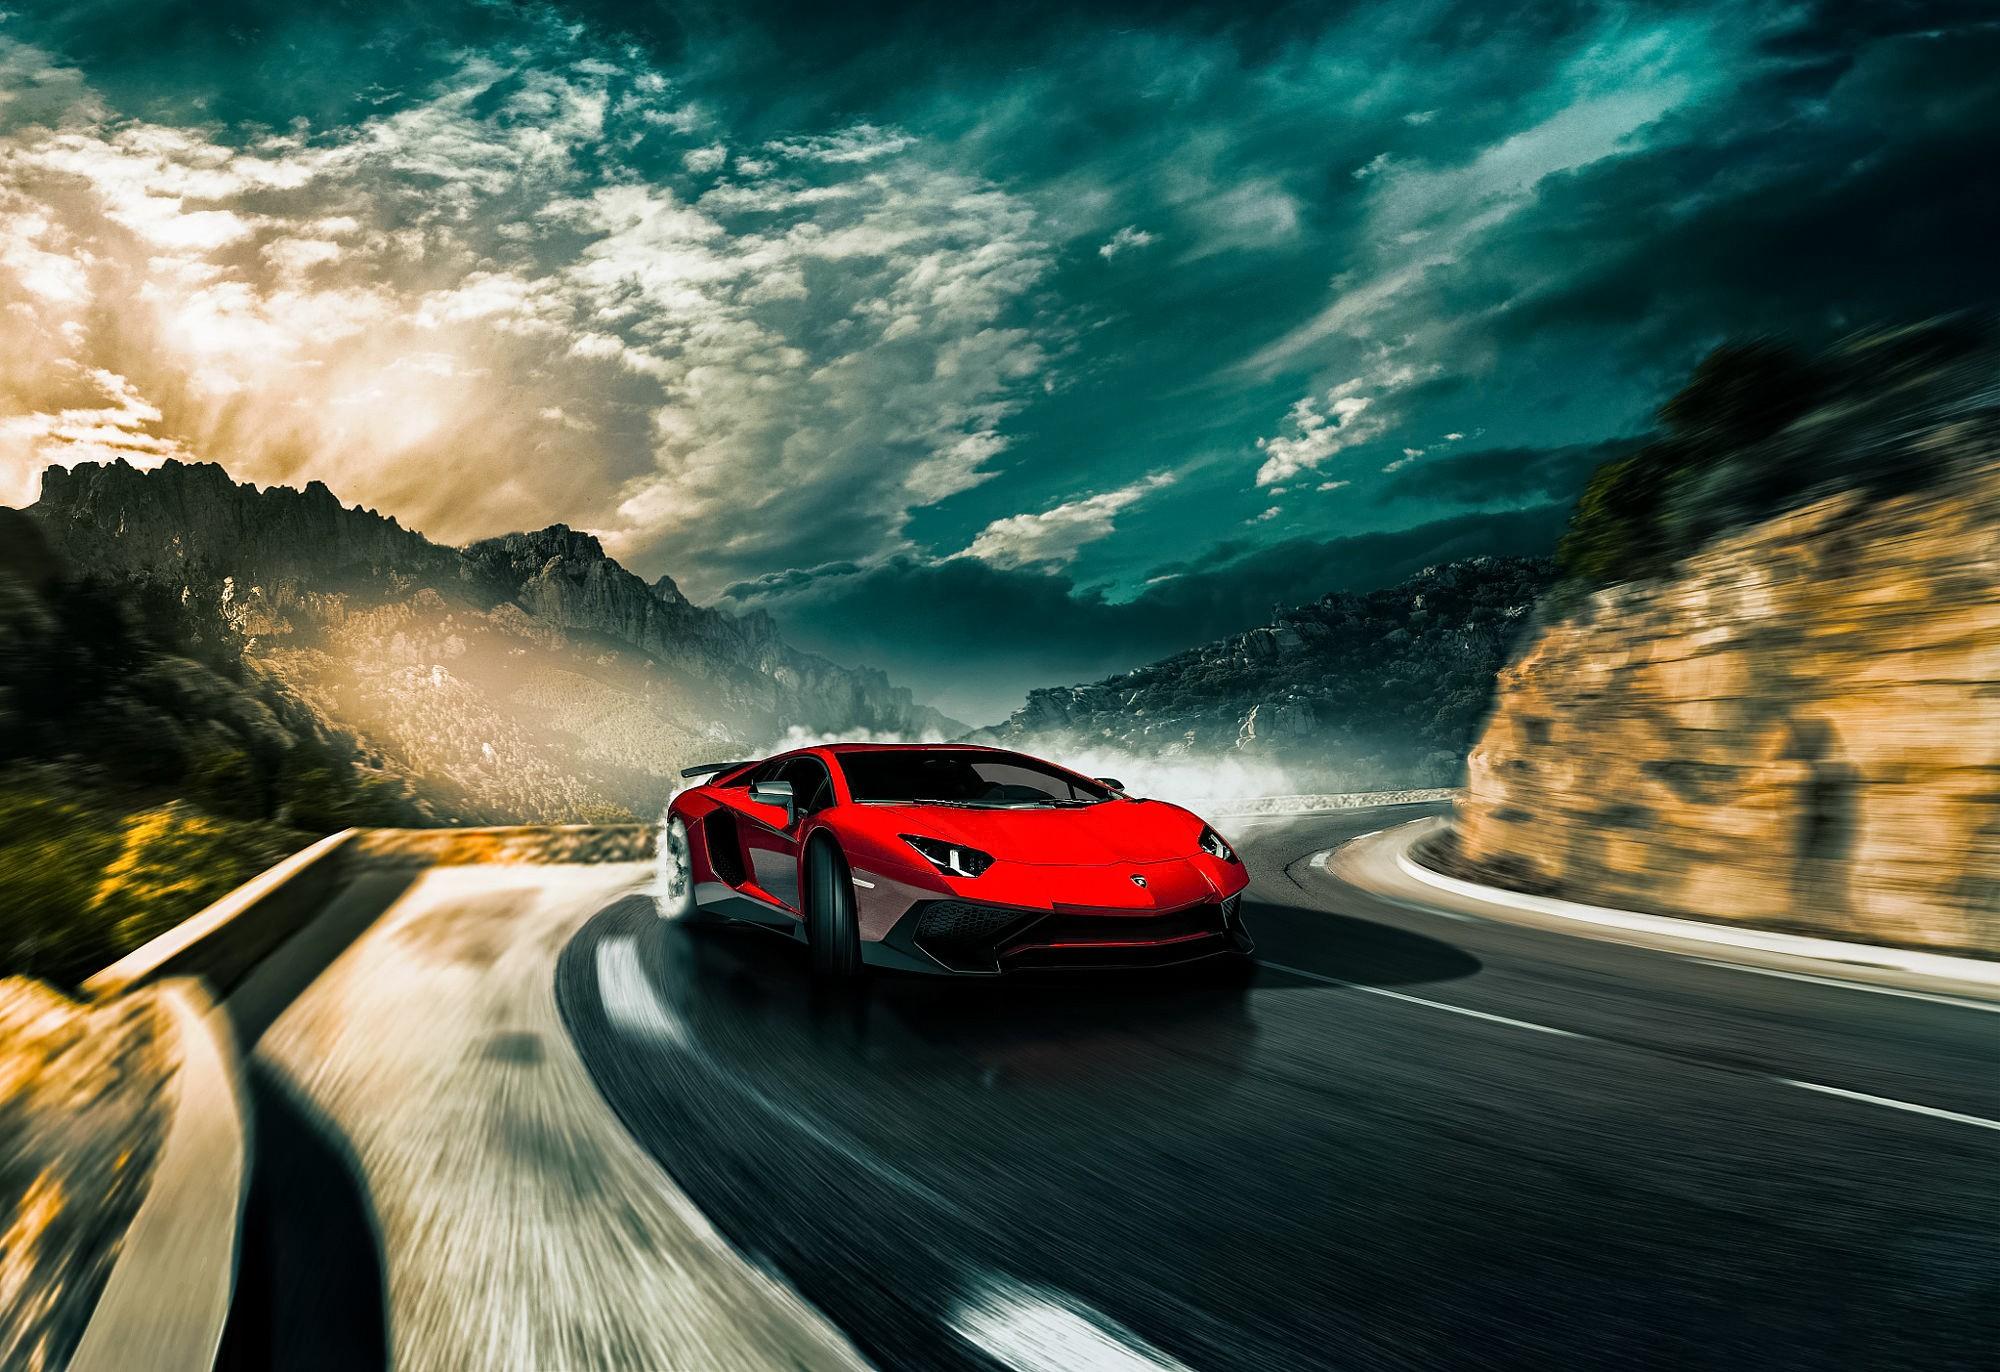 General 2000x1372 car vehicle Lamborghini Lamborghini Aventador